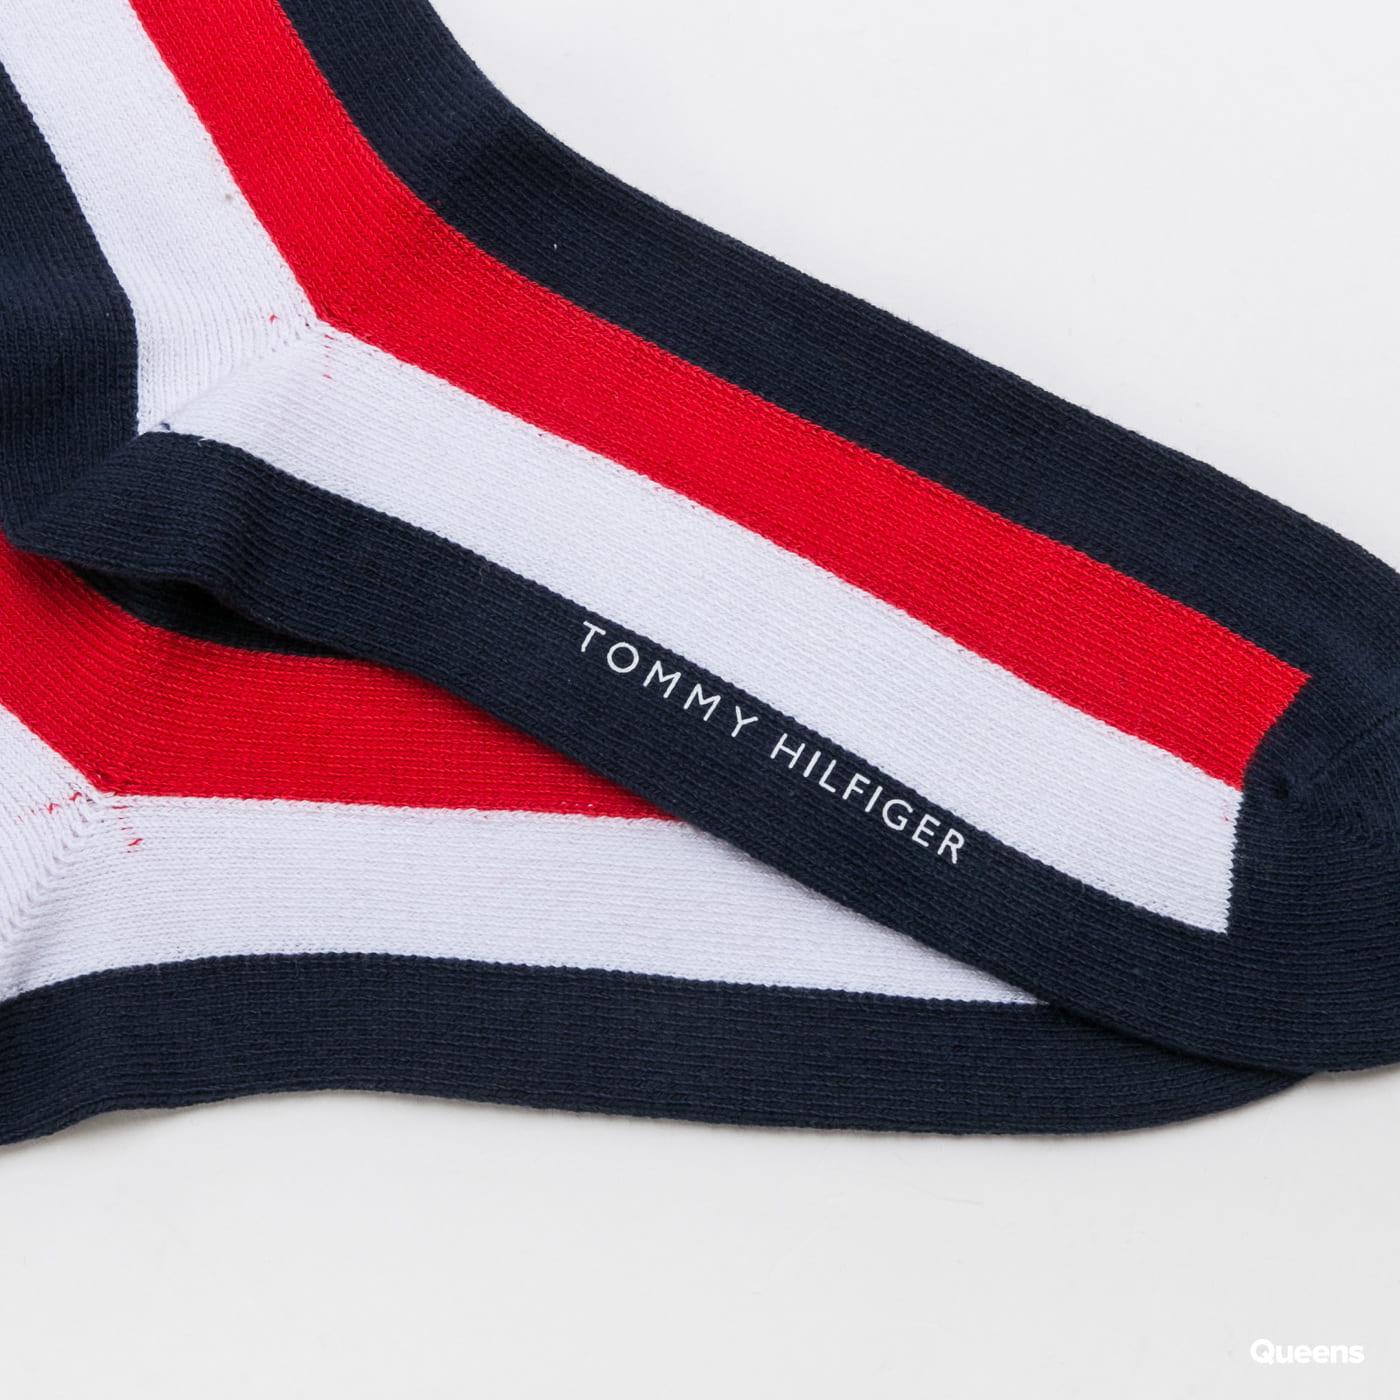 Tommy Hilfiger M Iconic Global Sock navy / bílé / červené